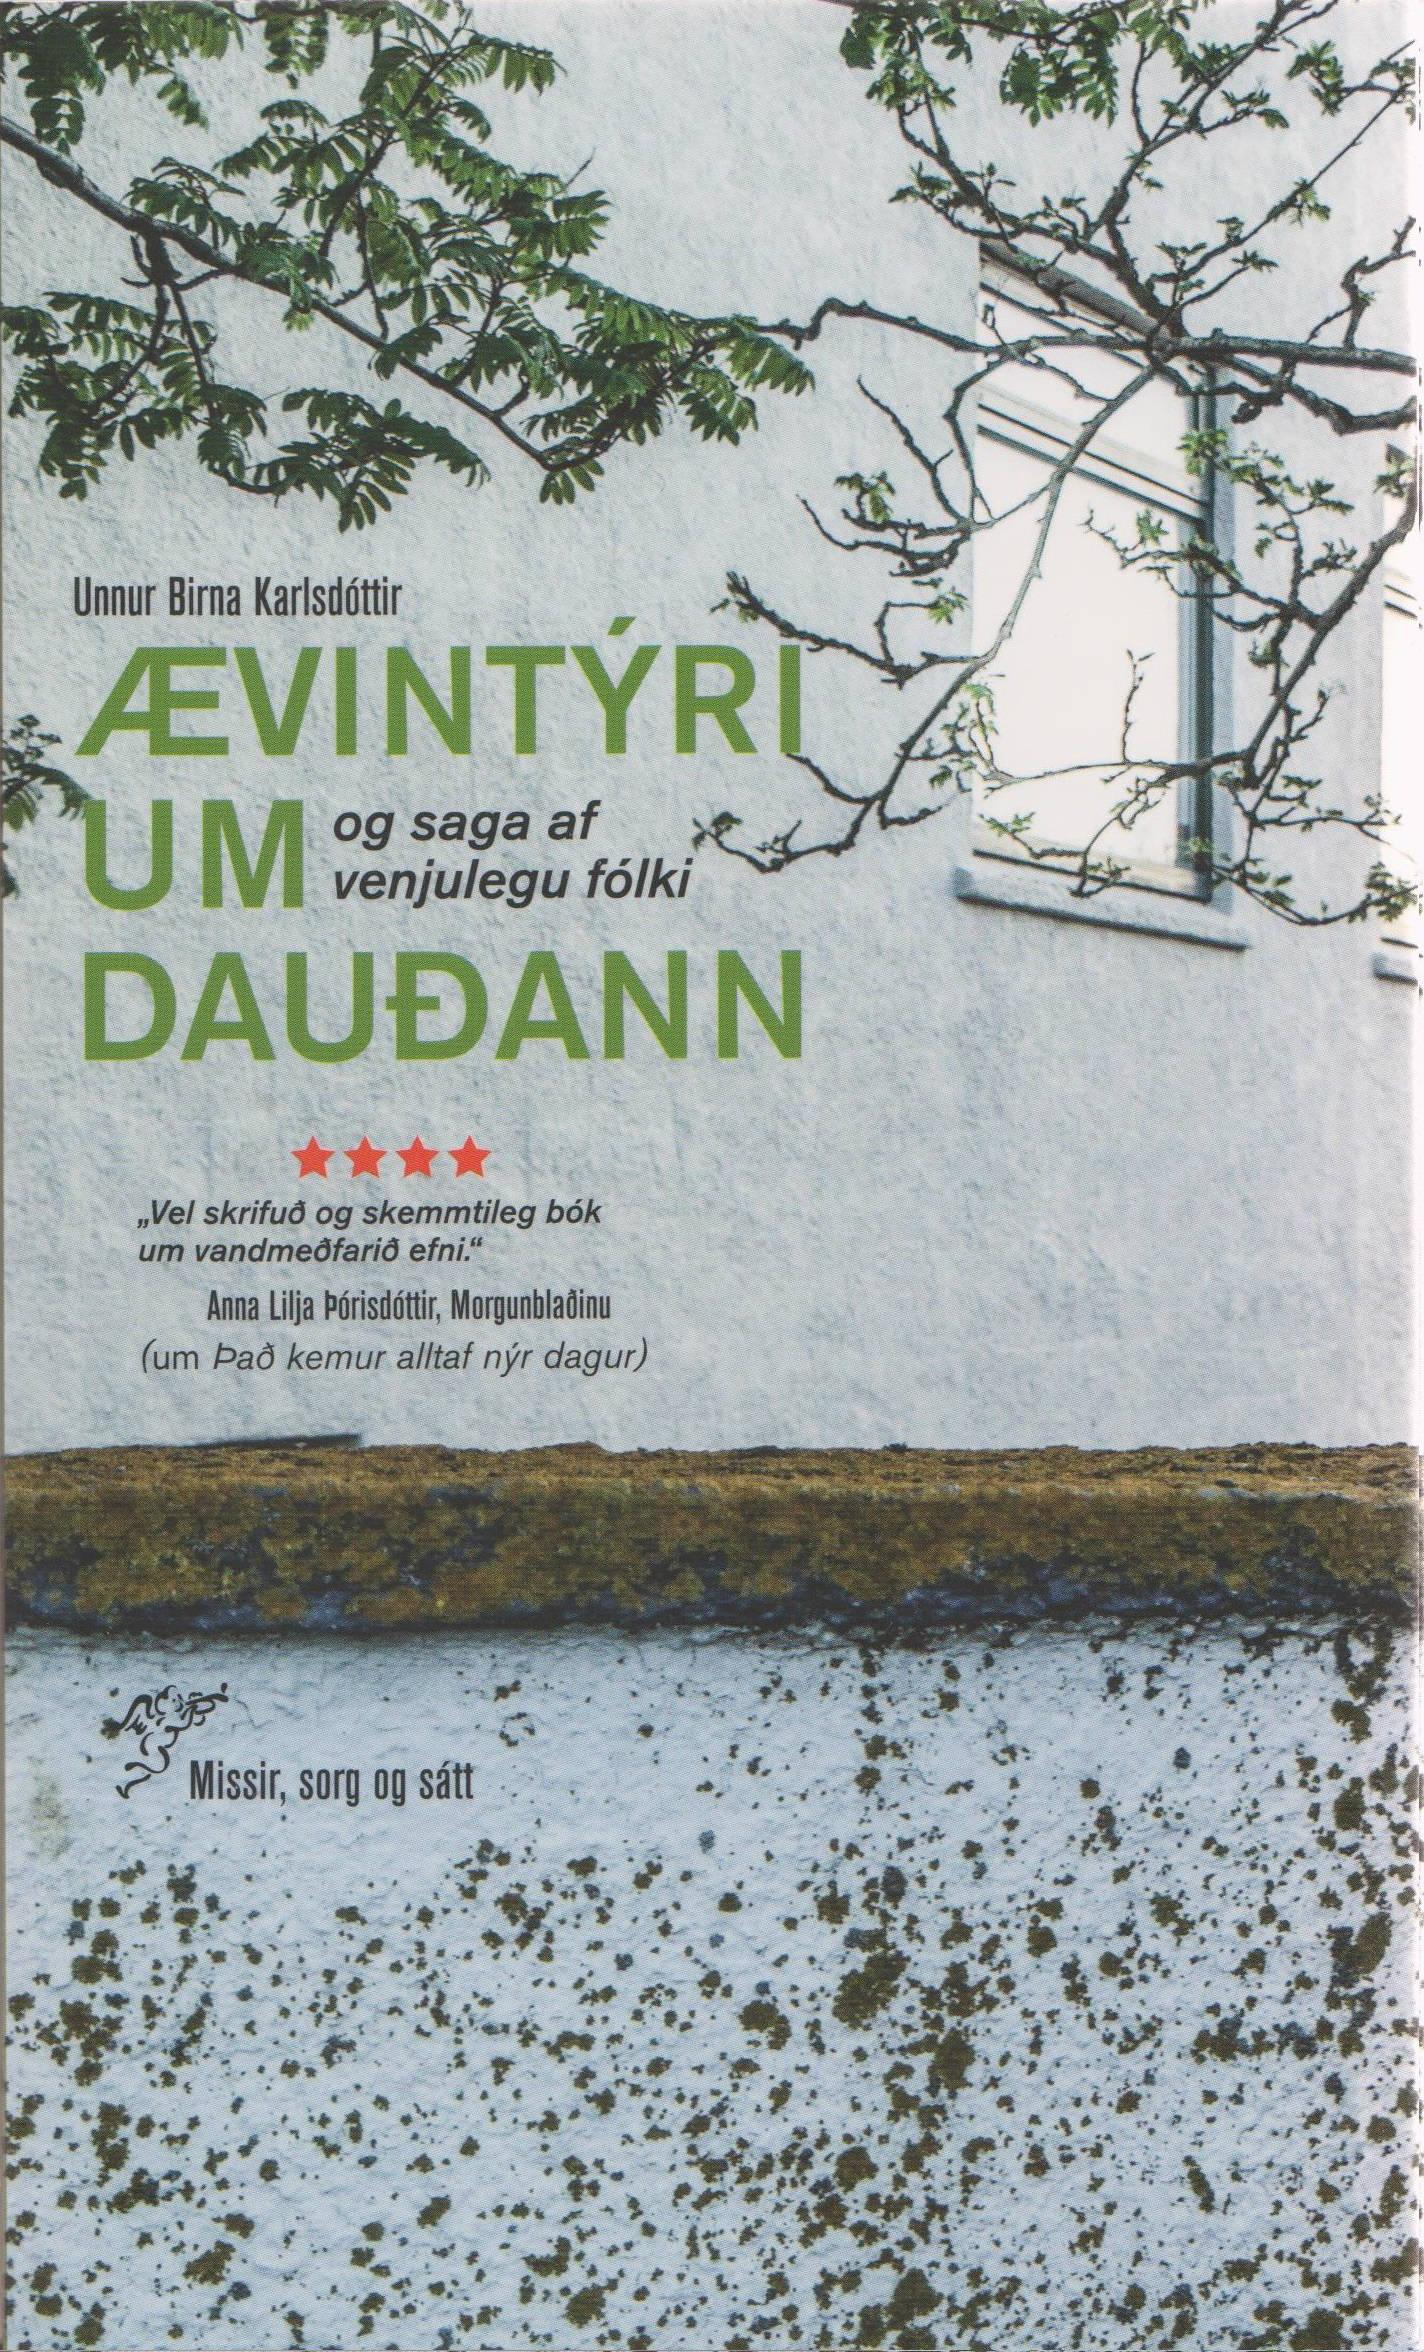 Ævintýri um dauðann og saga af venjulegu fólki